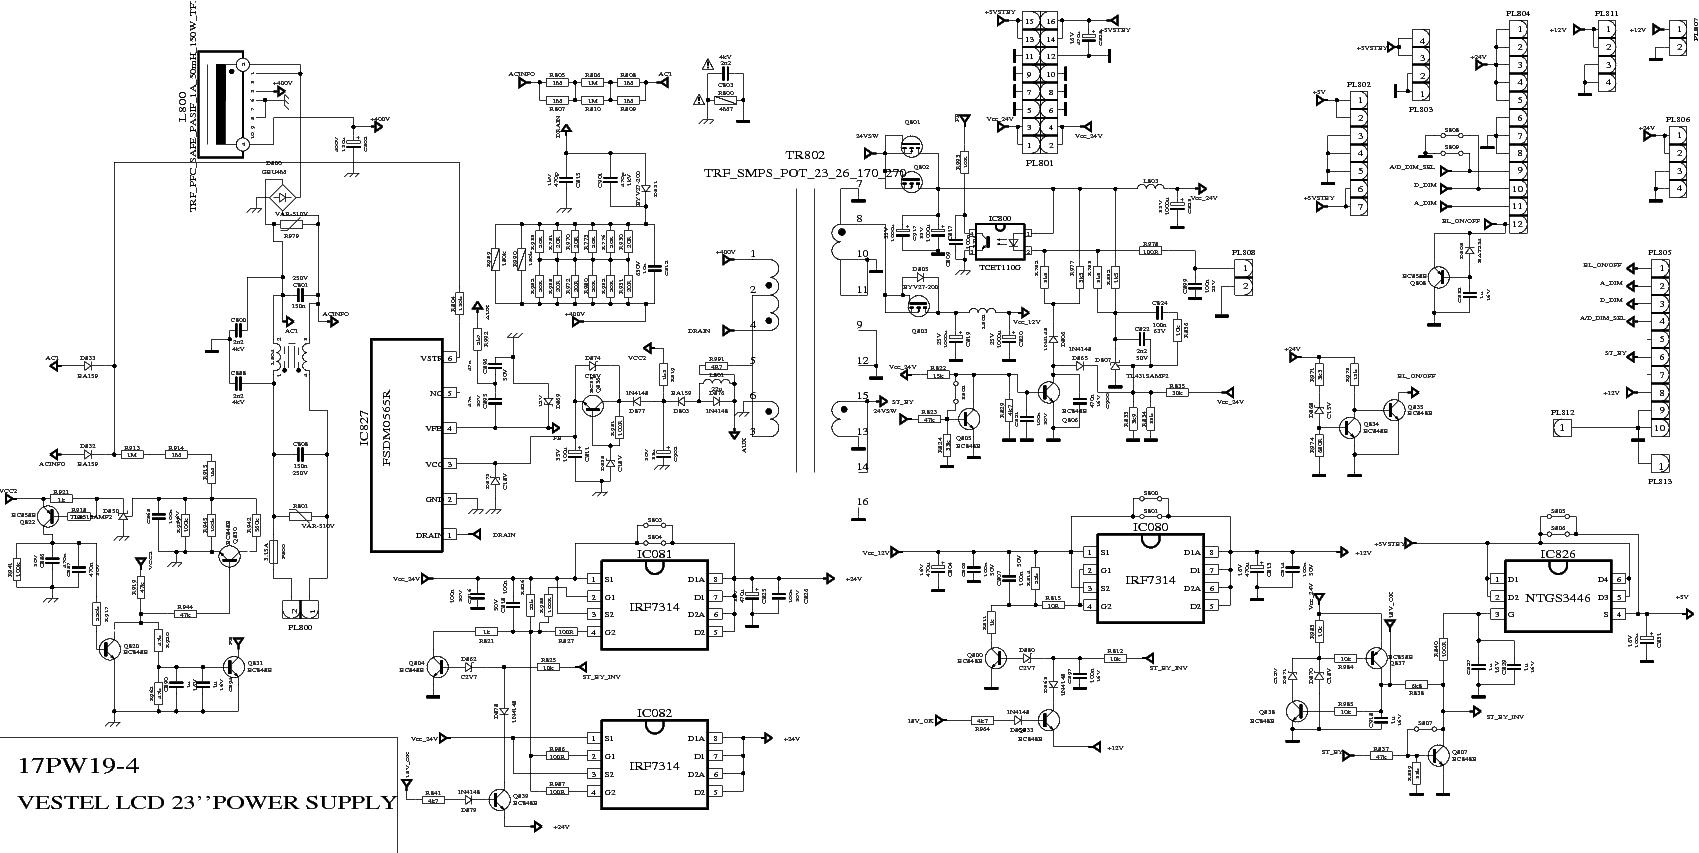 pioneer deh x6600bt wiring harnes diagram pioneer